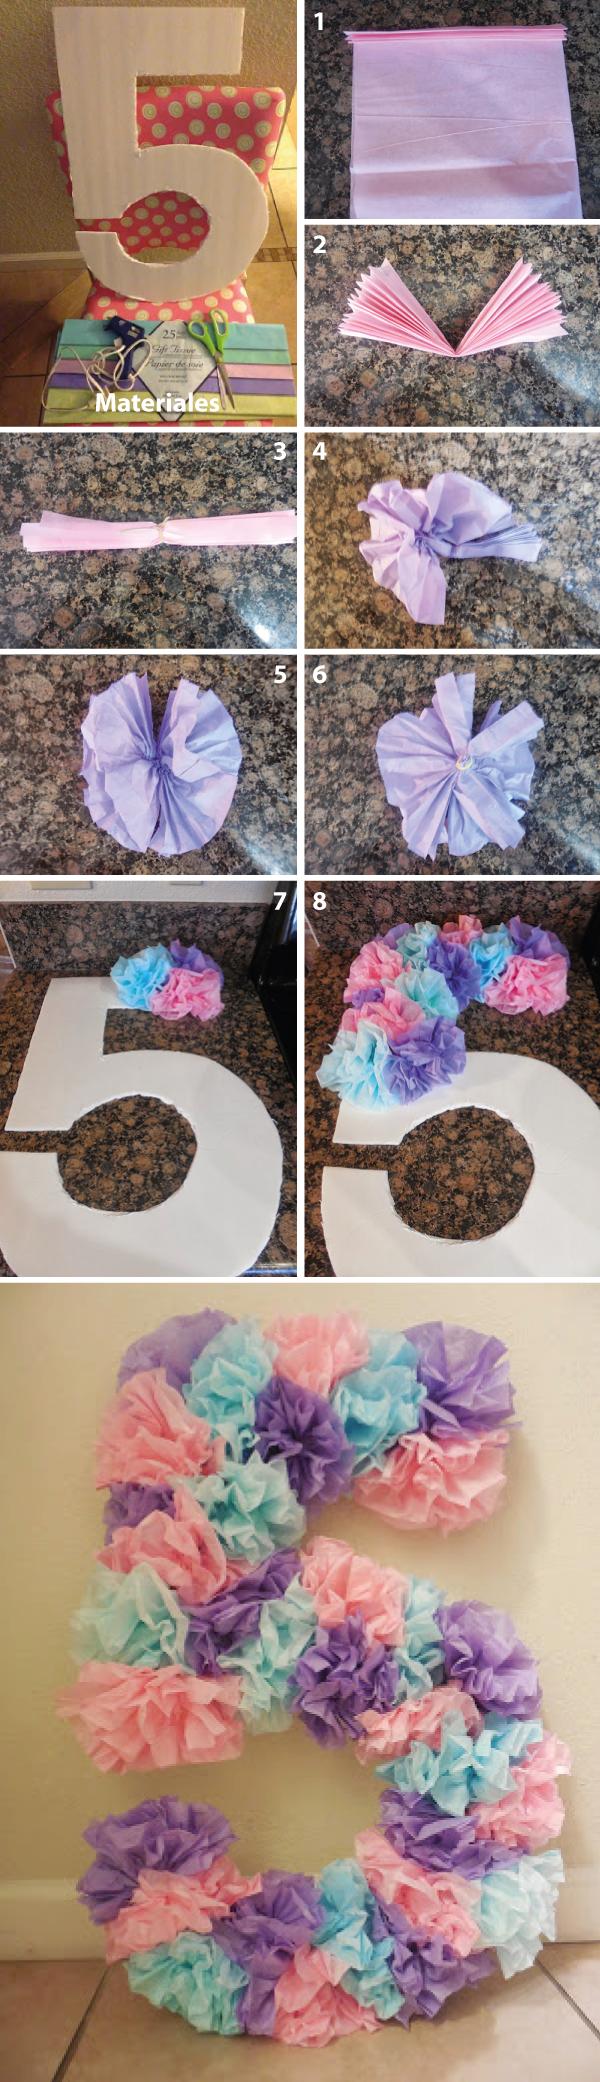 20 DIY con las mejores letras decorativas is part of Birthday - Las mejores ideas y tutoriales para hacer letras 3d de cartón, tela, con luces, y muchas opciones más